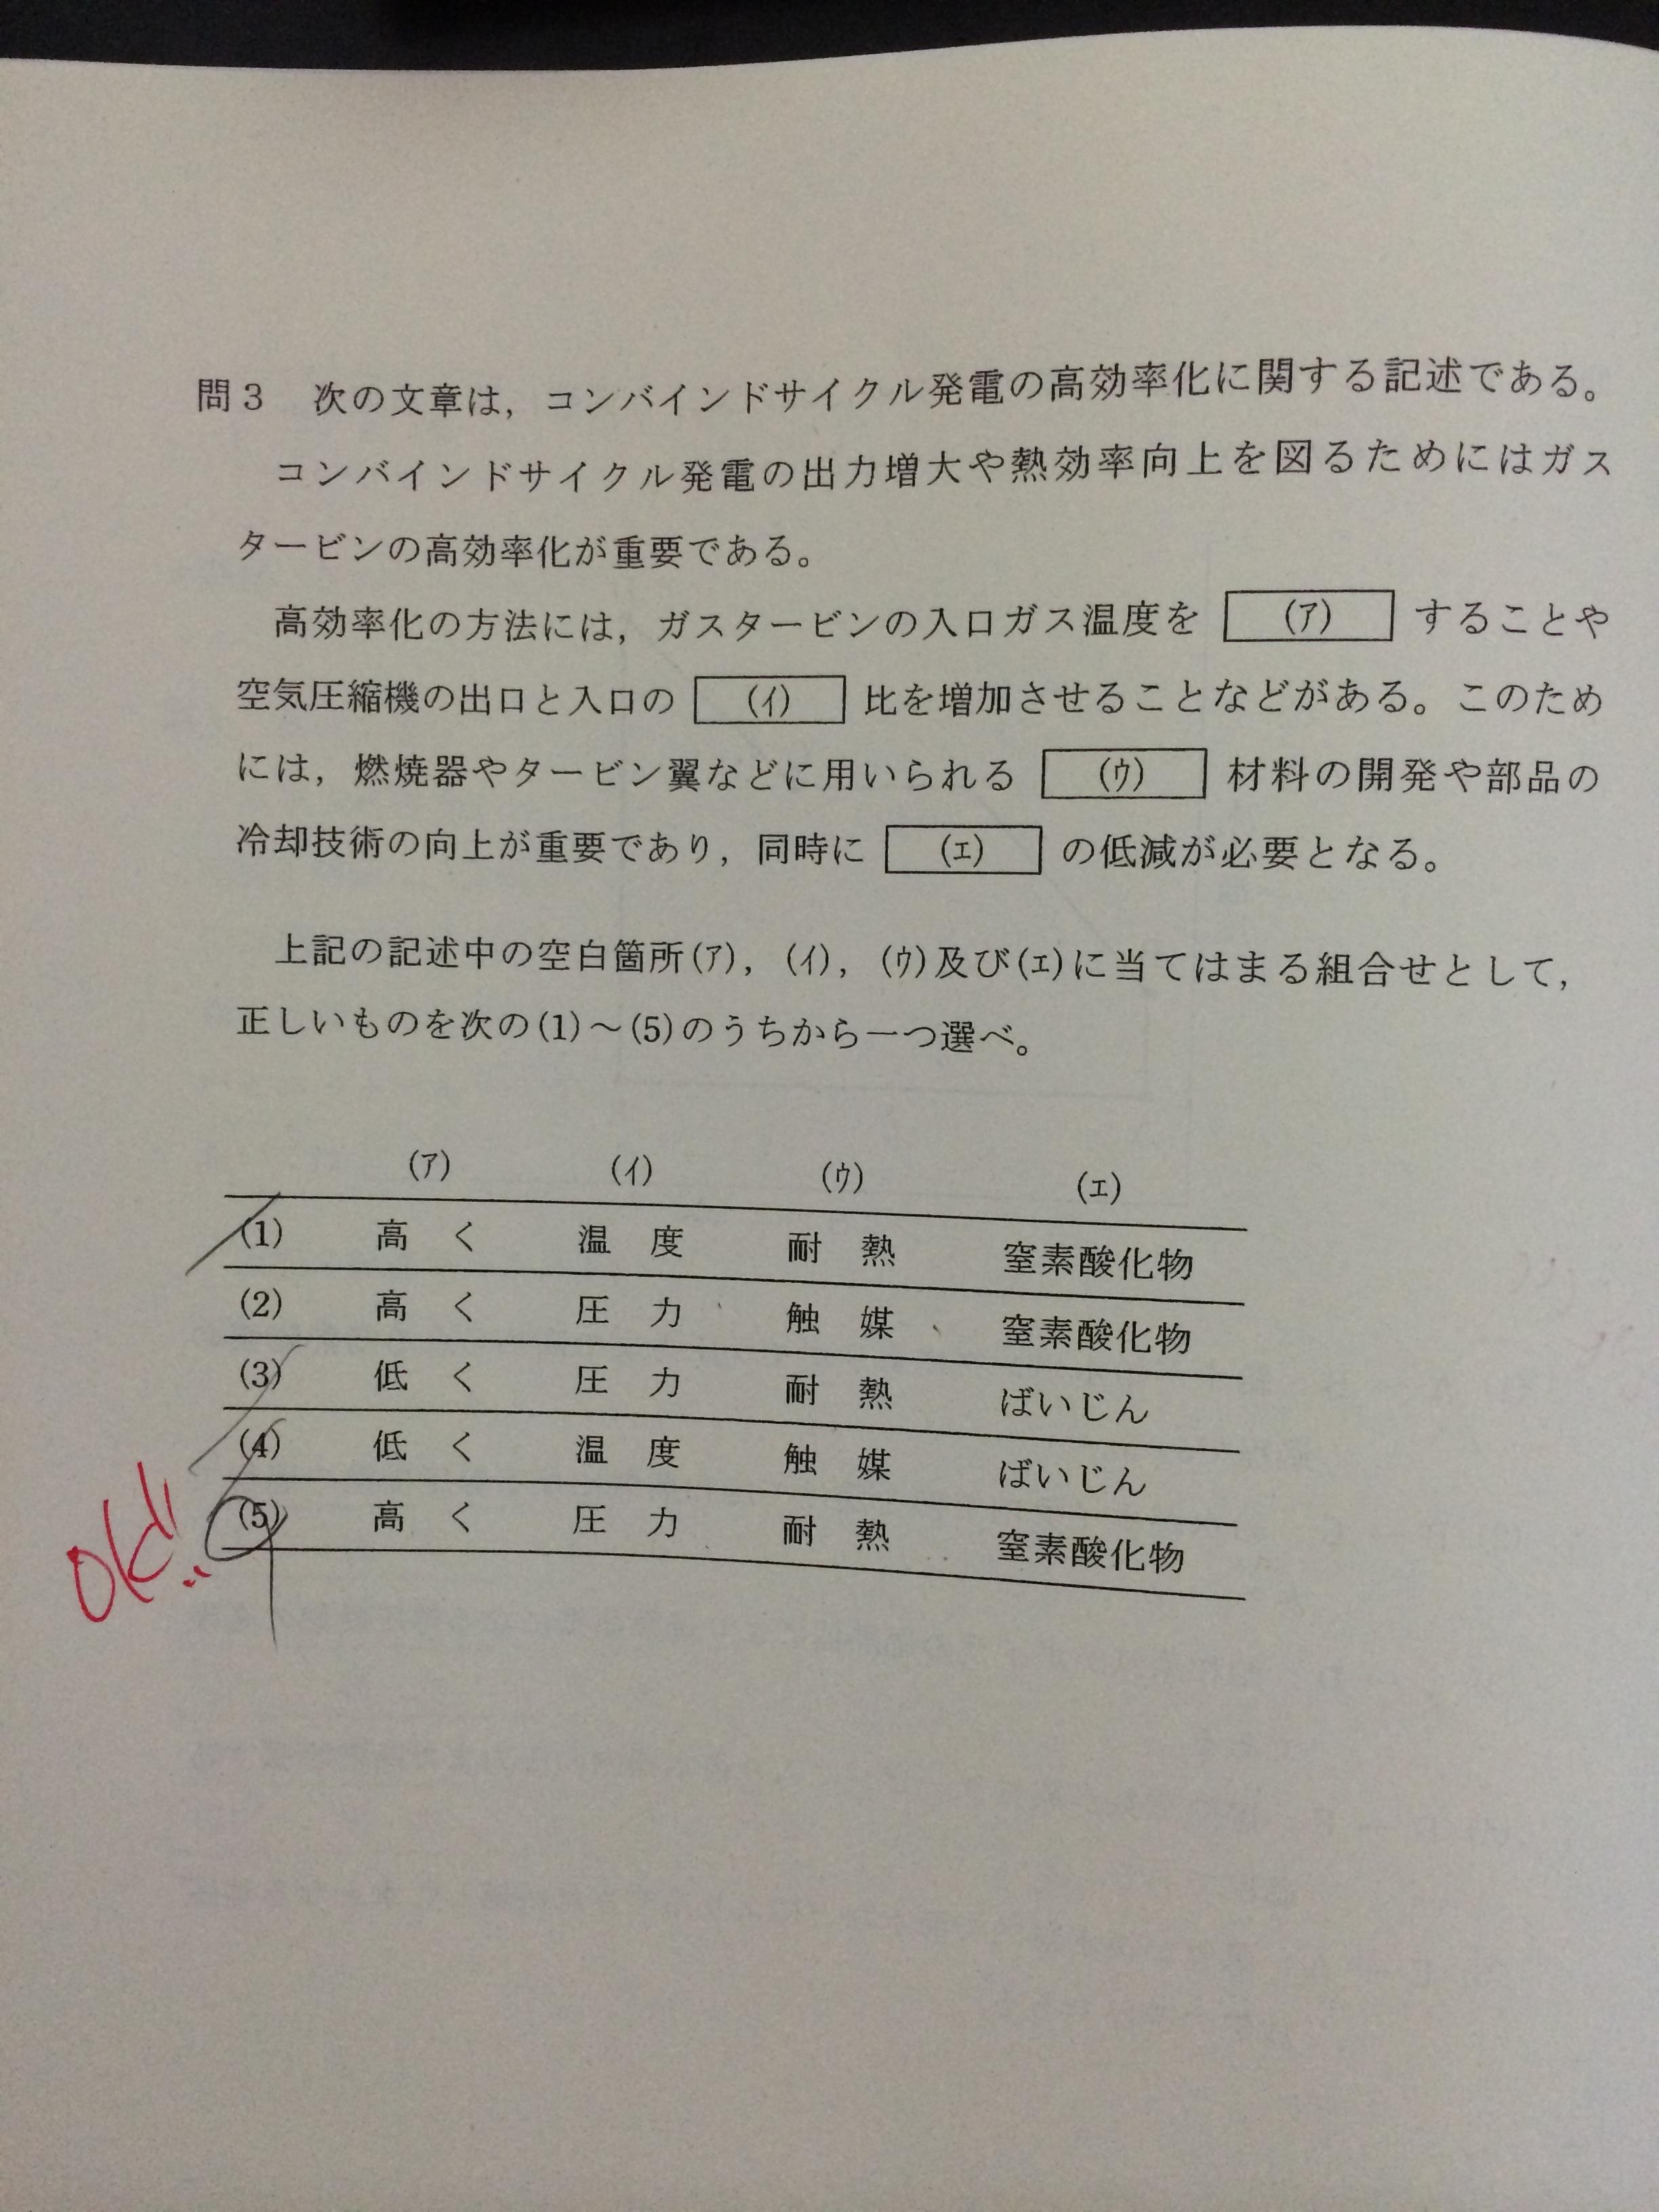 denryoku_02